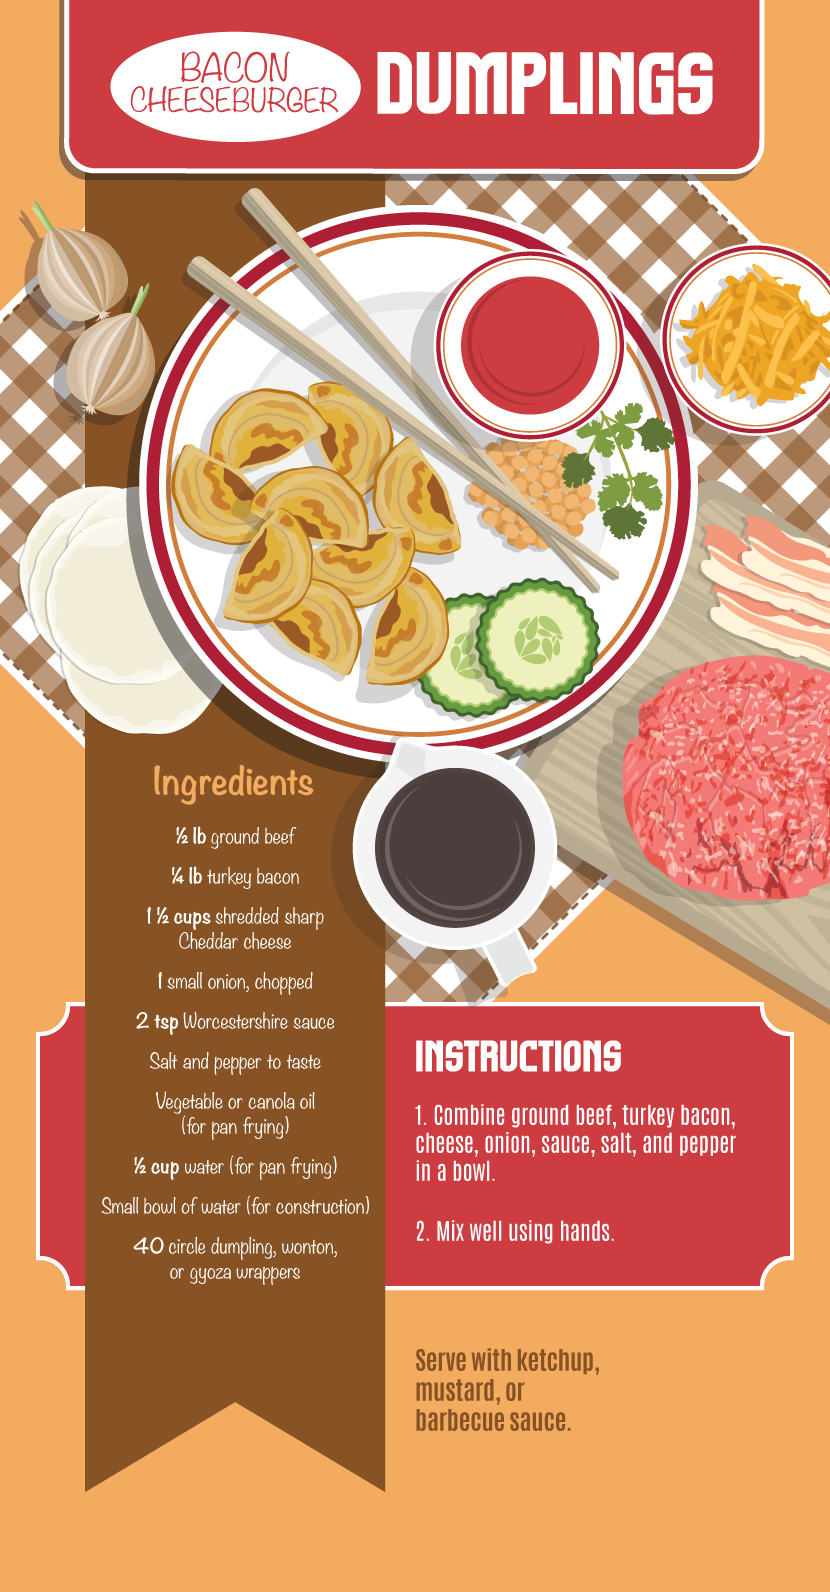 Bacon Cheeseburger Dumplings - Making Your Own Dumplings